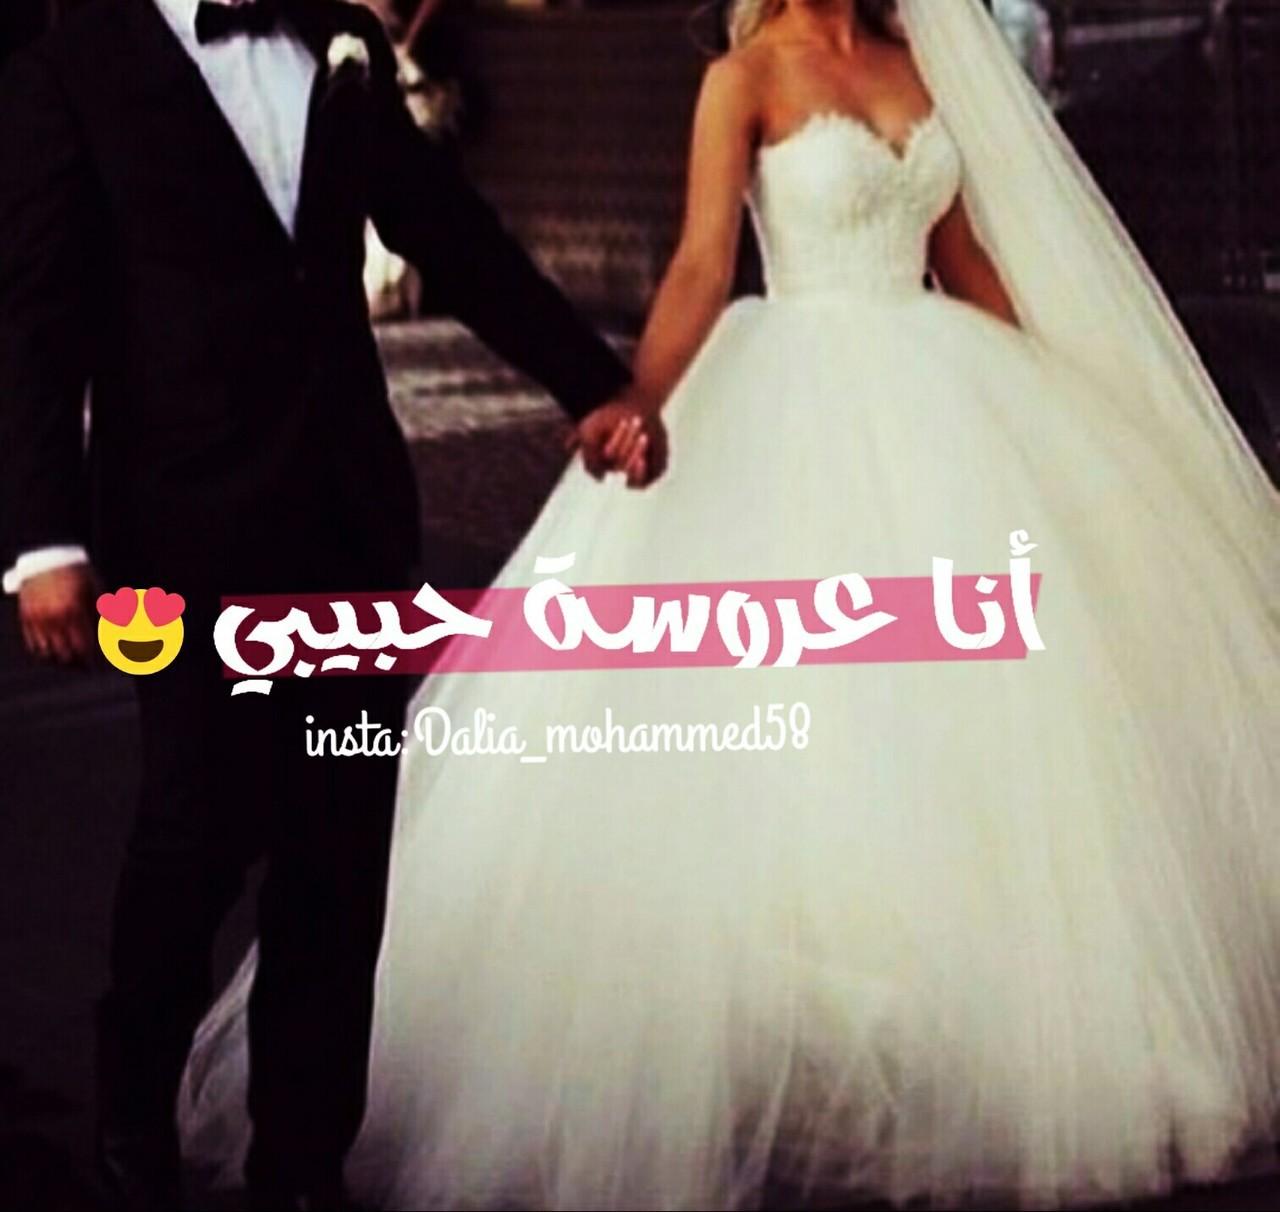 صور انا العروسه صور لعروسه ليلة زفافها صور بنات